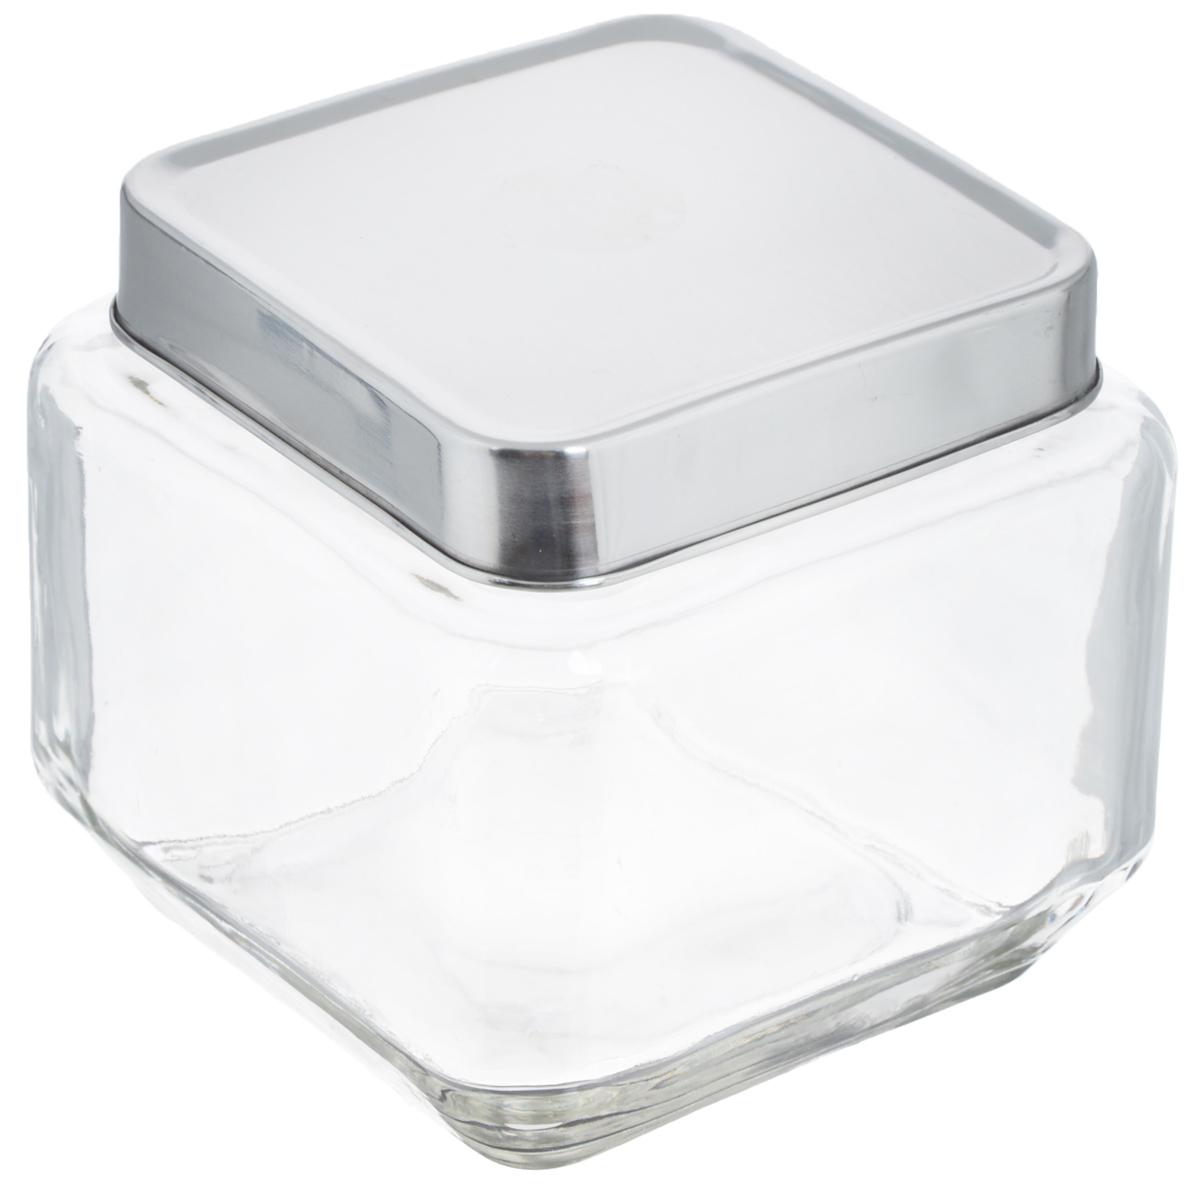 Банка для хранения Zeller, 700 млFA-5126-2 WhiteБанка Zeller, изготовленная из прочного стекла, снабжена металлической крышкой, которая плотно и герметично закрывается, дольше сохраняя аромат и свежесть содержимого. Изделие подходит для хранения сыпучих продуктов: круп, чая, специй, орехов, сахара и многого другого. Функциональная и вместительная, такая банка станет незаменимым аксессуаром на любой кухне. Размер банки (с учетом крышки): 10,5 х 10,5 х 10,5 см.